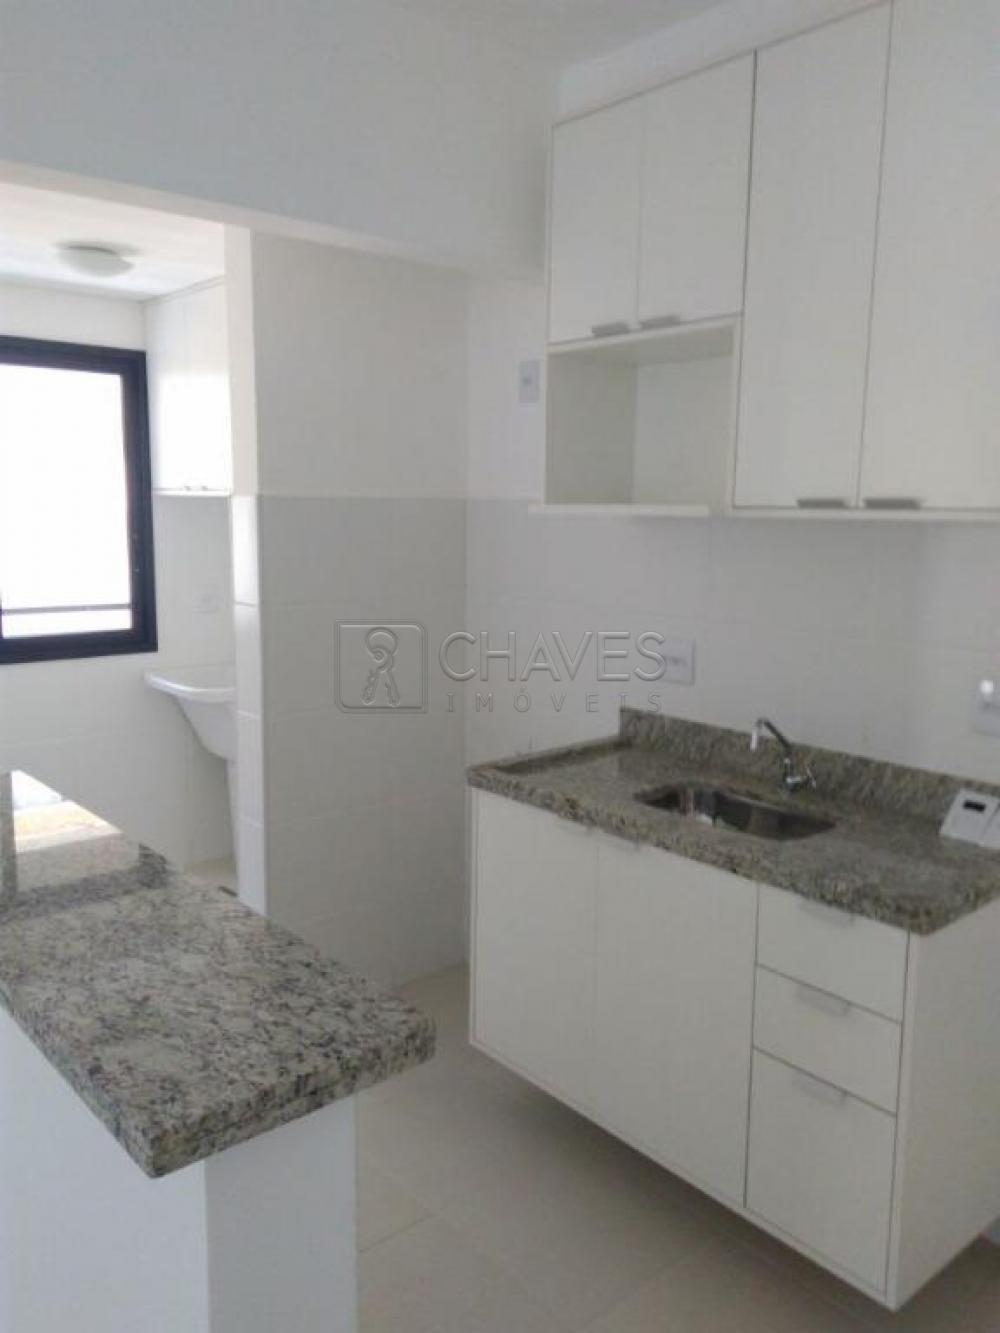 Comprar Apartamento / Padrão em Ribeirão Preto apenas R$ 185.000,00 - Foto 2